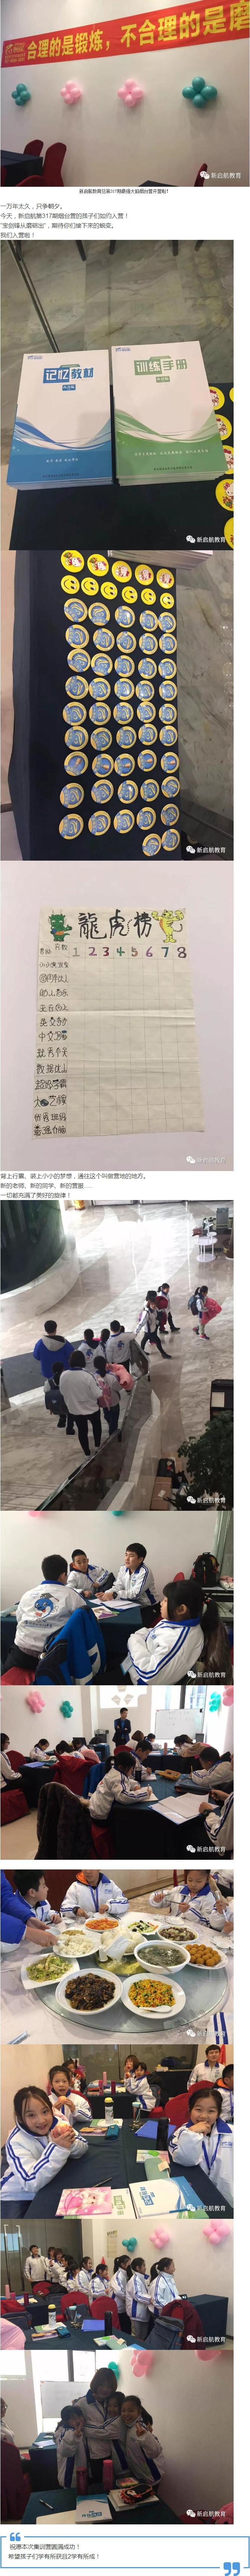 不忘初心——新启航总第317期烟台集训营花絮